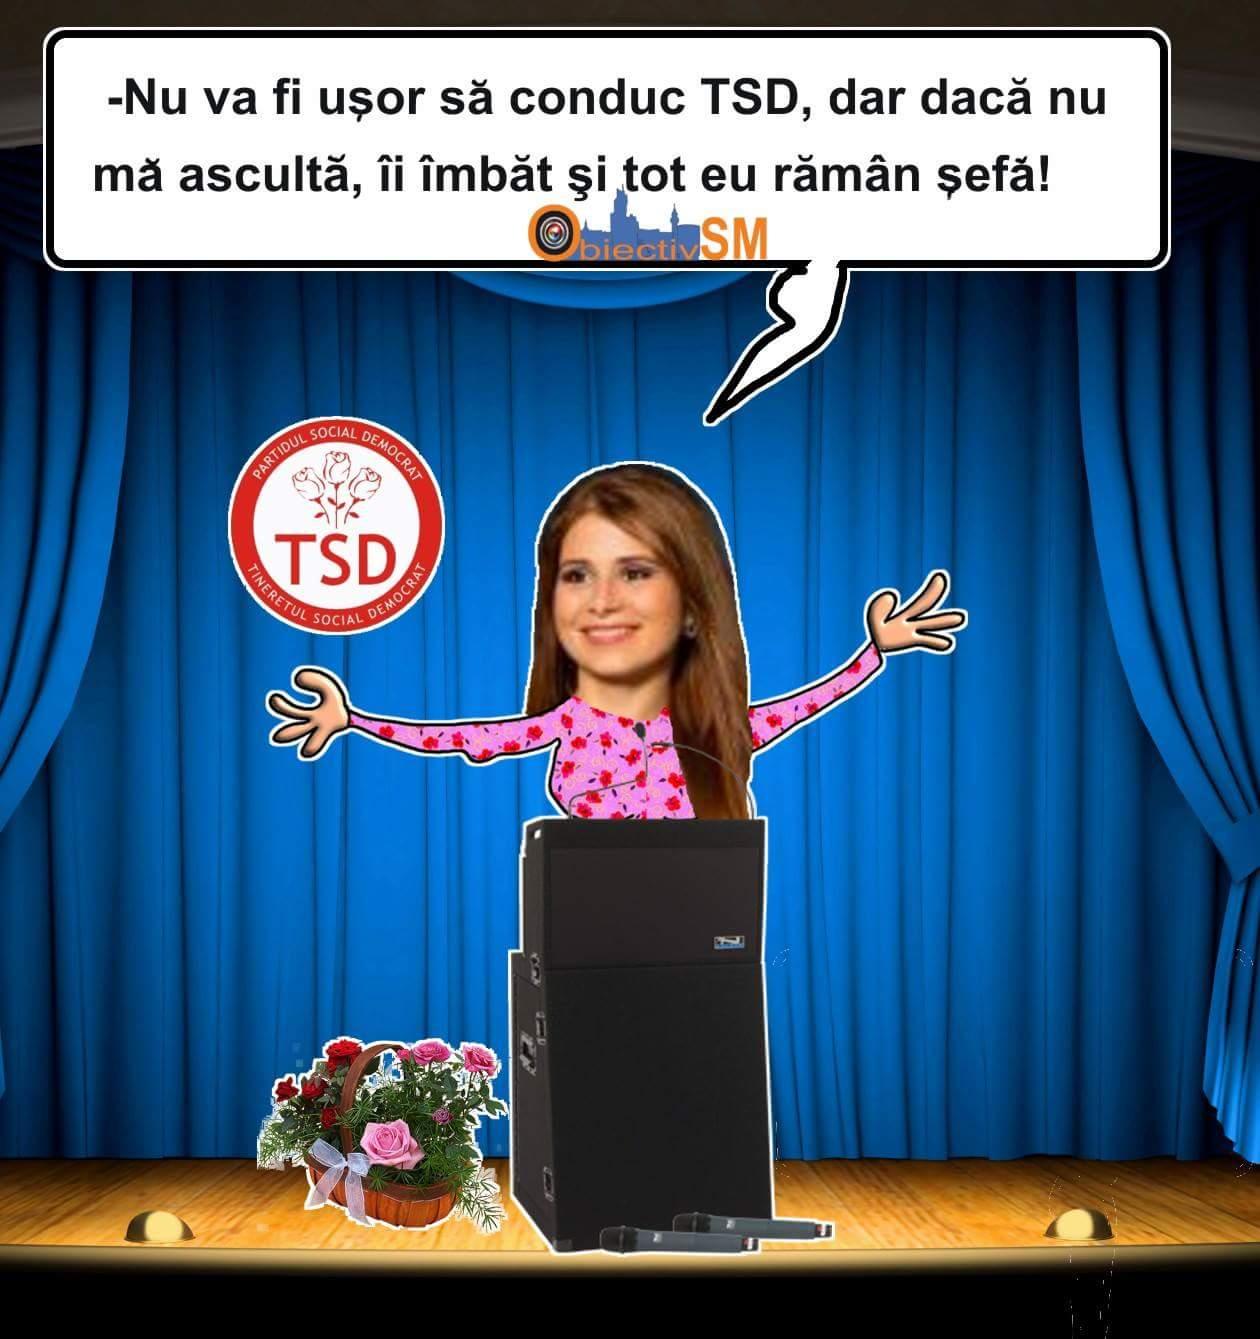 CARICATURA ZILEI!!! Orice problemă are o soluţie şi orice frică leacul ei